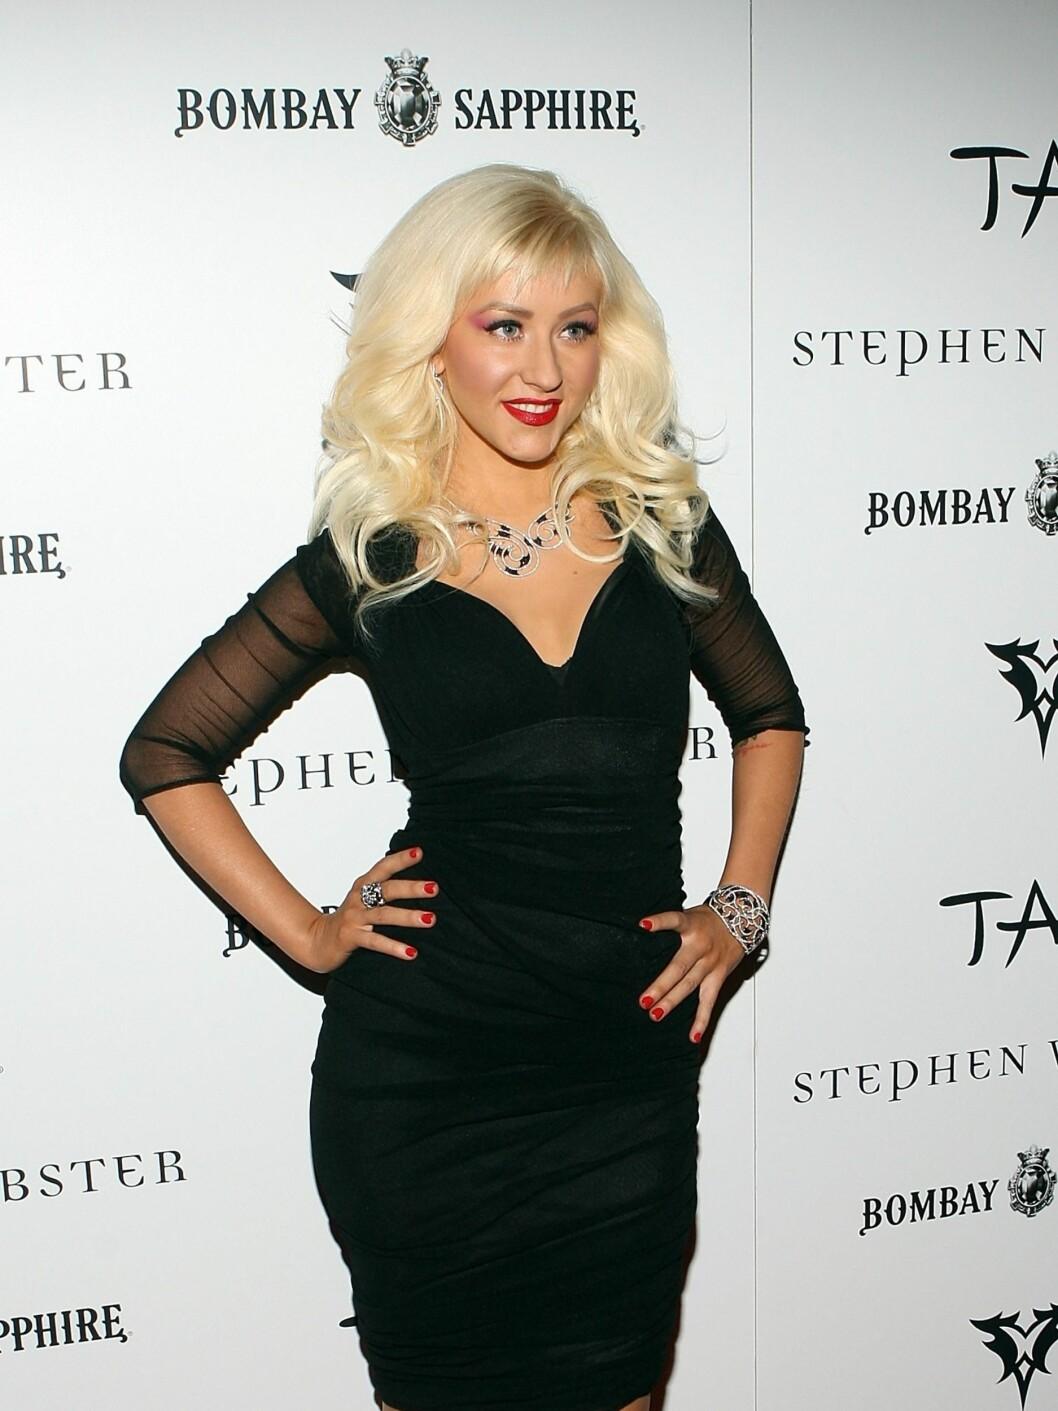 Christina har de siste par årene beveget seg mot en mer voksen og klassisk stil. Foto: All Over Press